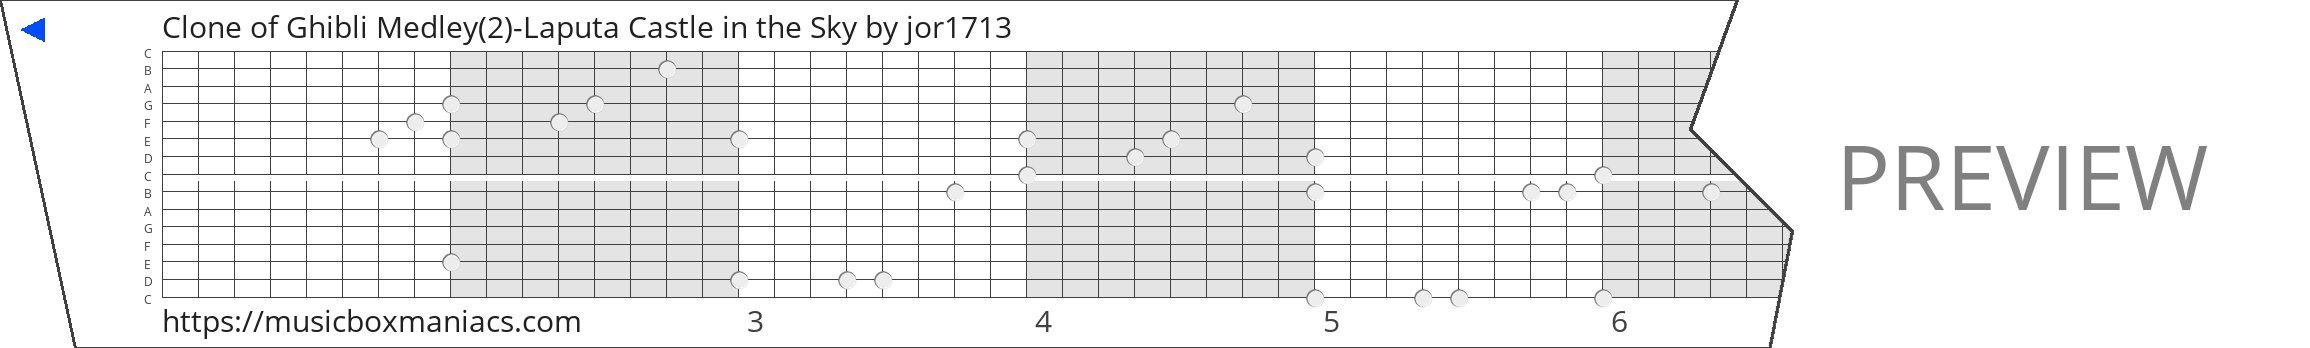 Clone of Ghibli Medley(2)-Laputa Castle in the Sky 15 note music box paper strip